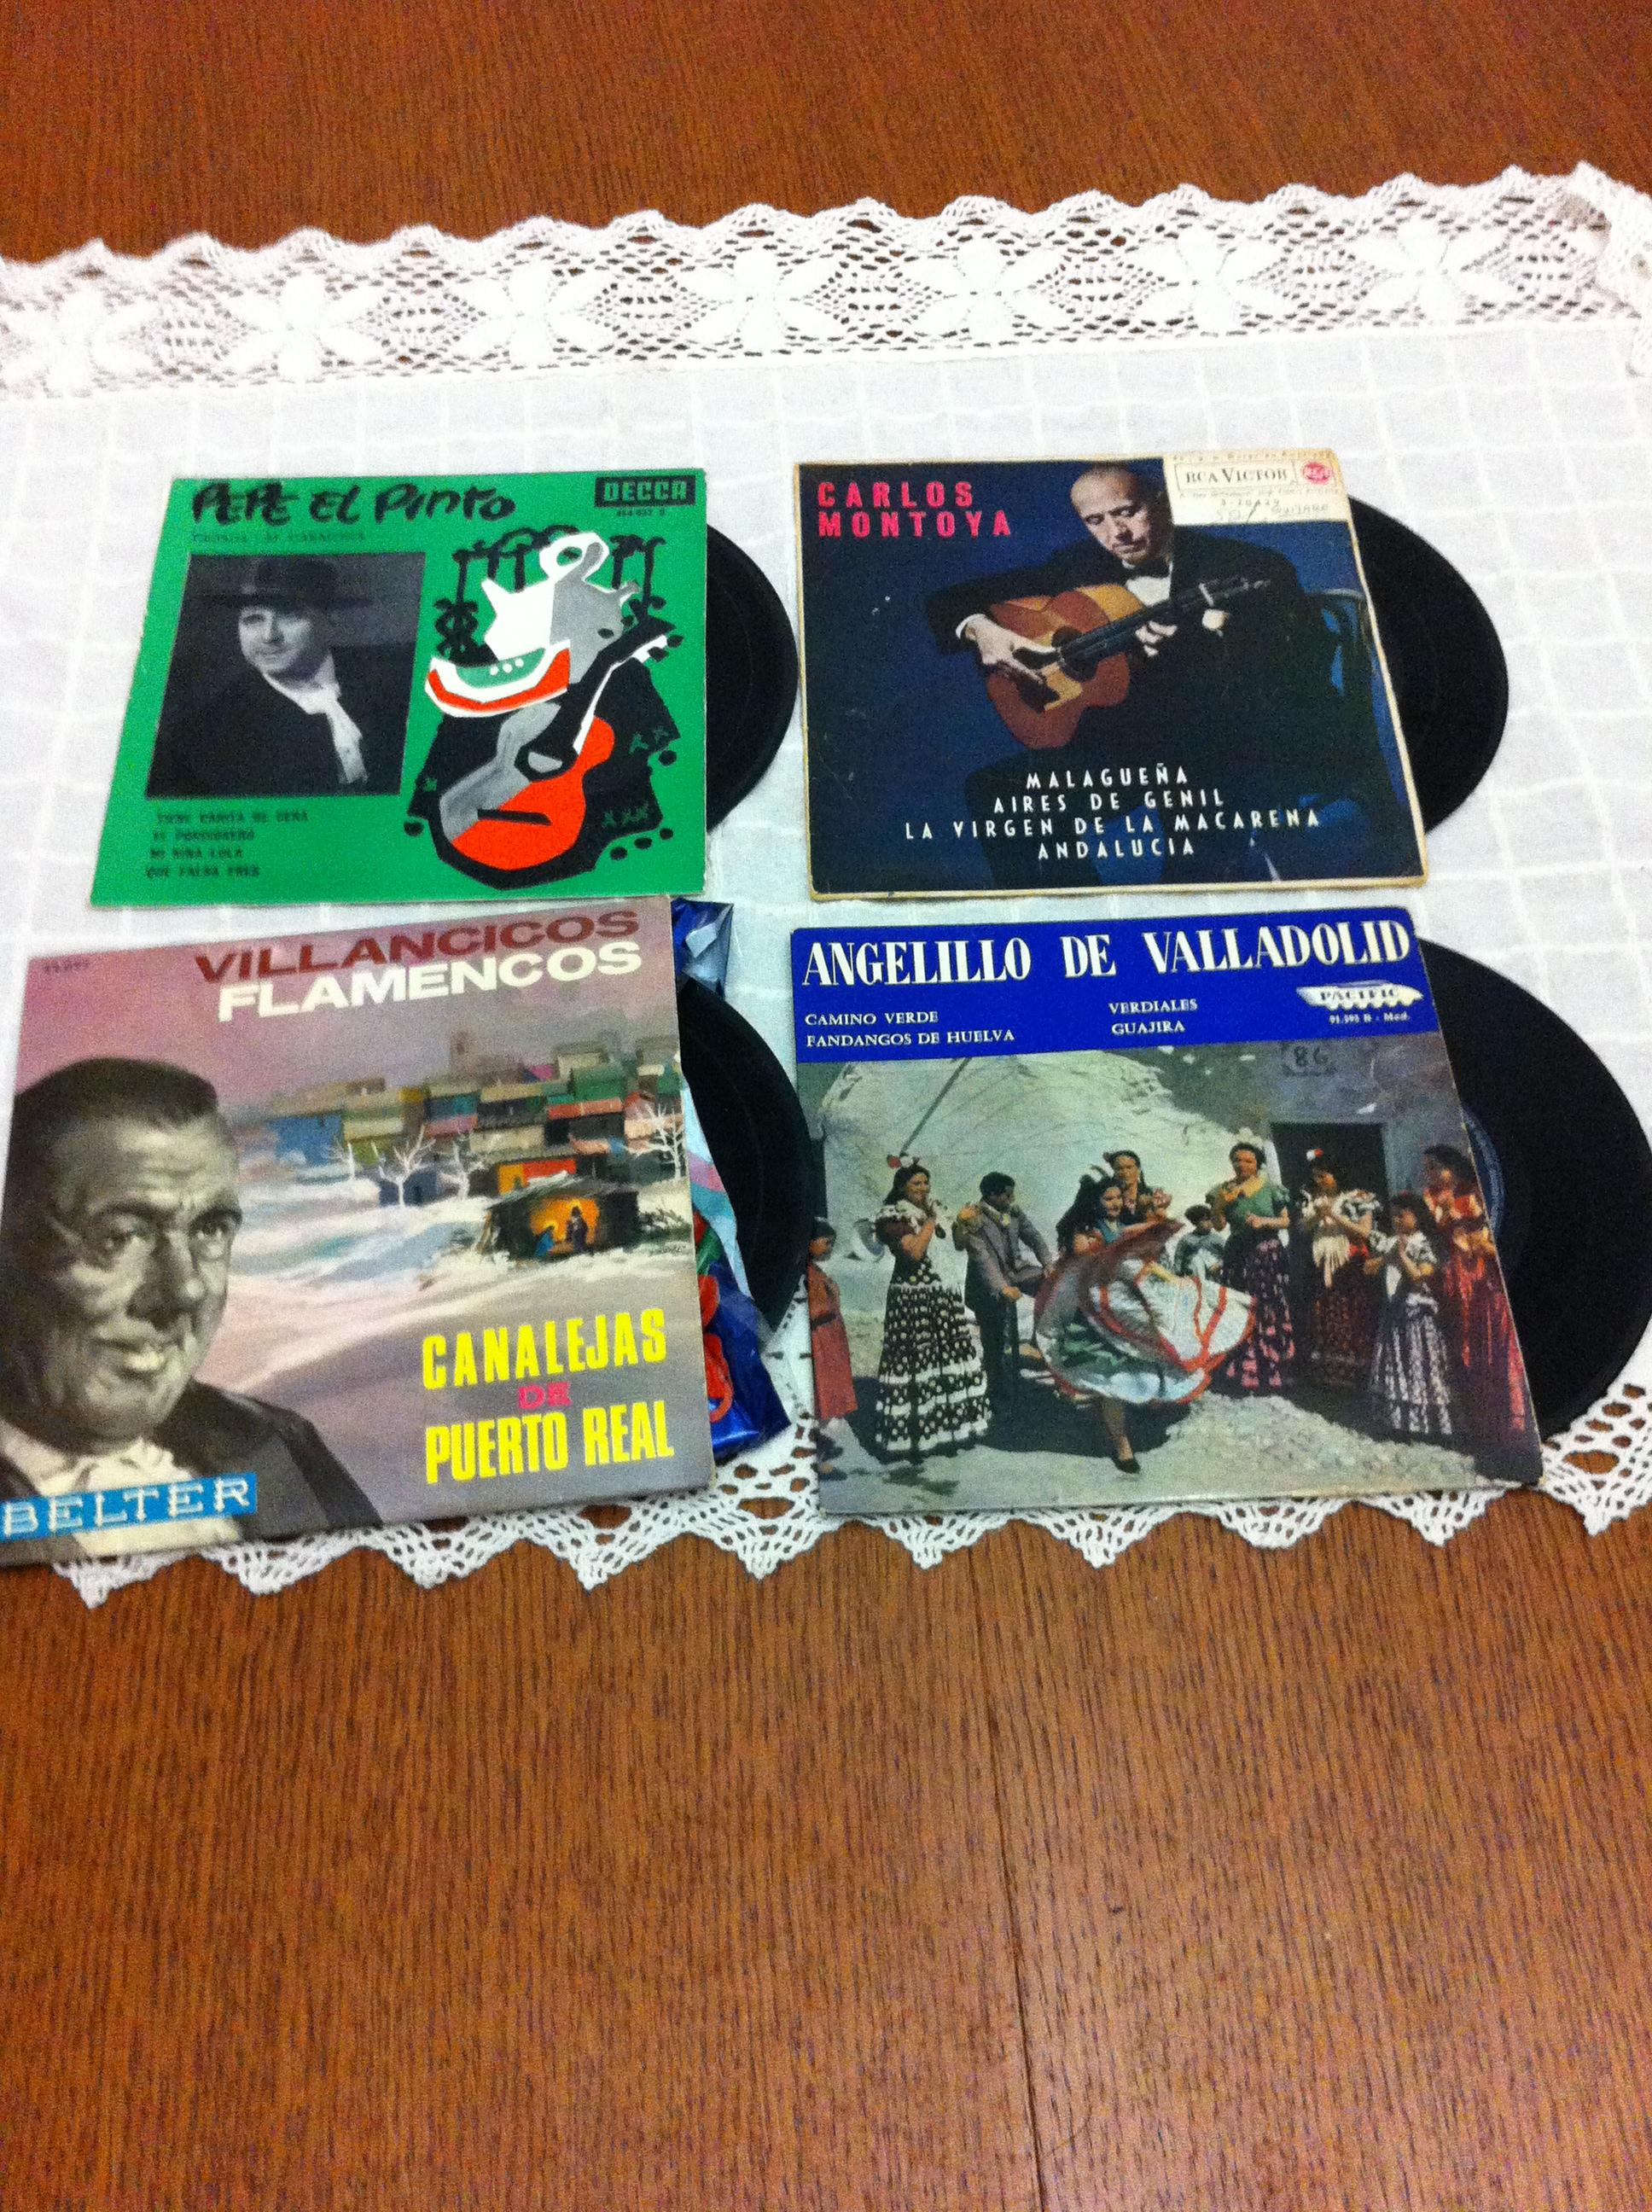 Flamenco cassette et disque vinyle   - Page 4 14022310110114950712010106